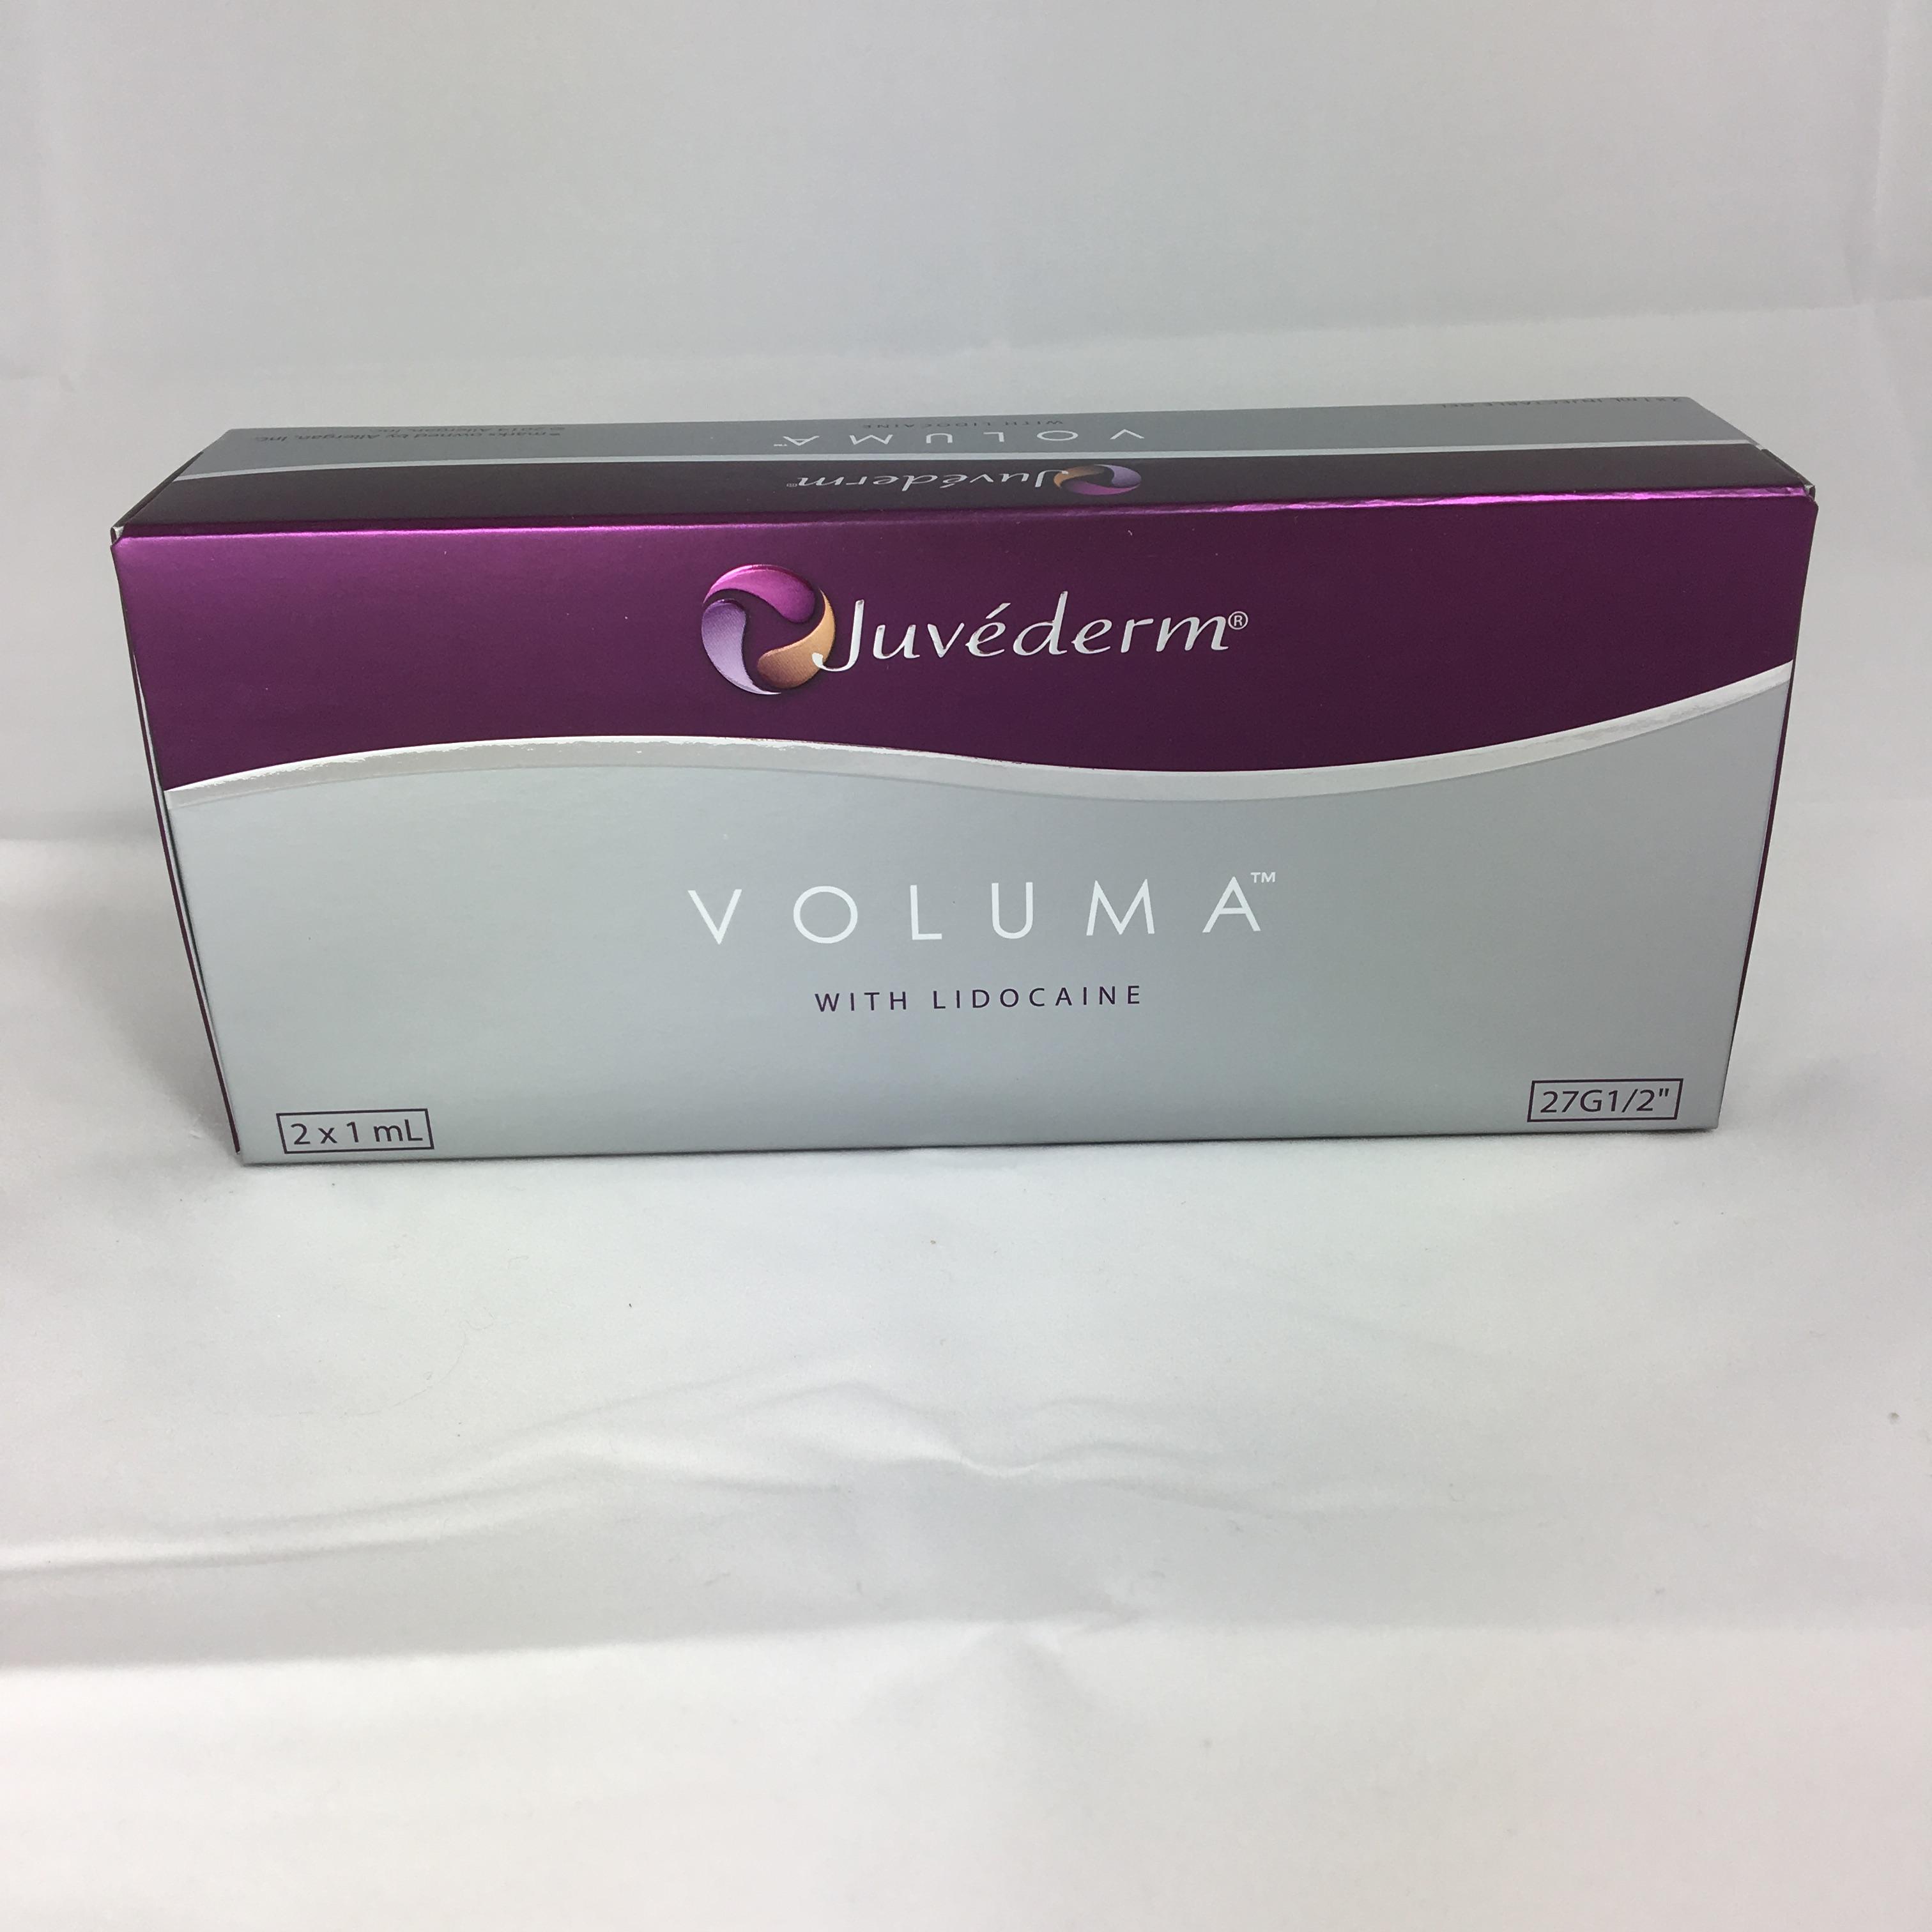 Juvederm Voluma von Allergan ist sofort verfügbar im Dermalifting Shop